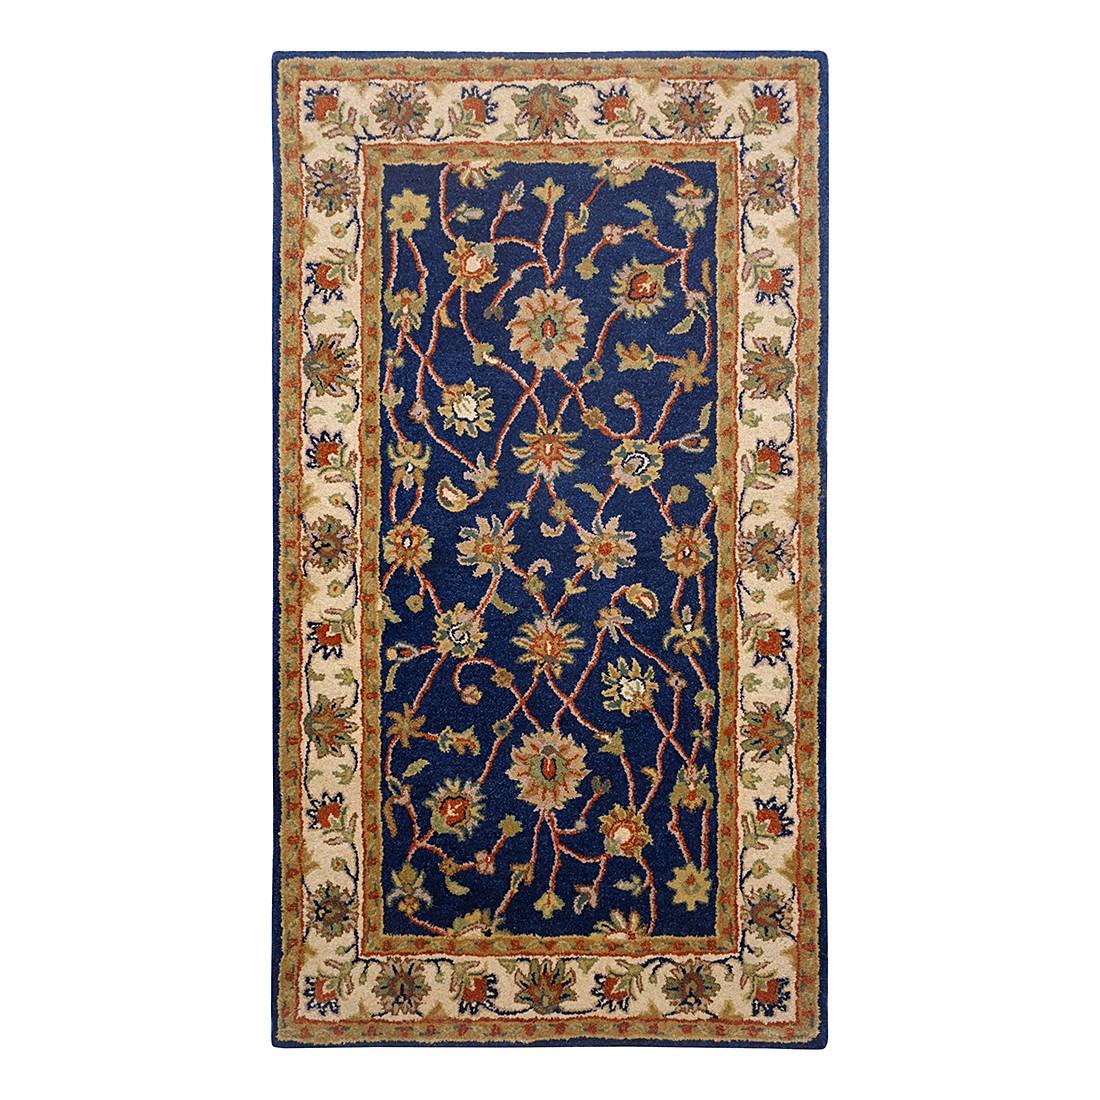 Teppich Royal Ziegler – Wolle/Blau – 160 cm x 230 cm, THEKO die markenteppiche bestellen